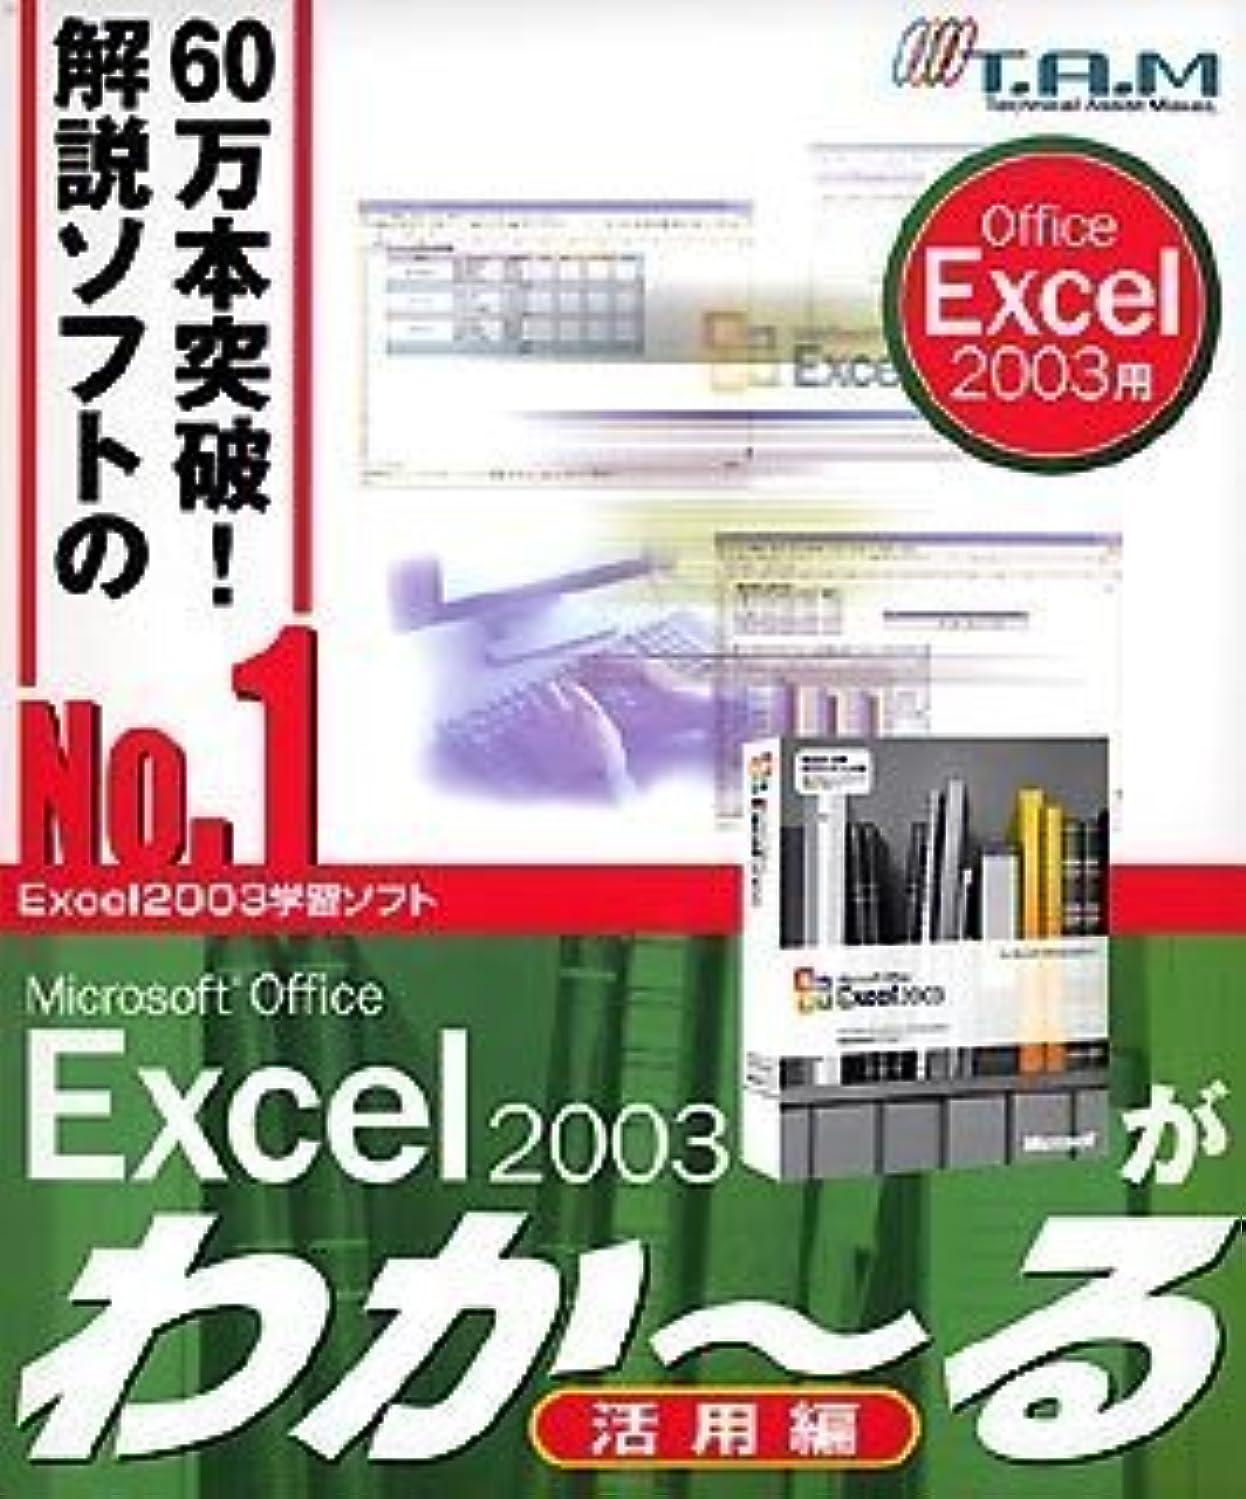 自慢モザイク談話Microsoft Office Excel 2003が わか~る(活用編)